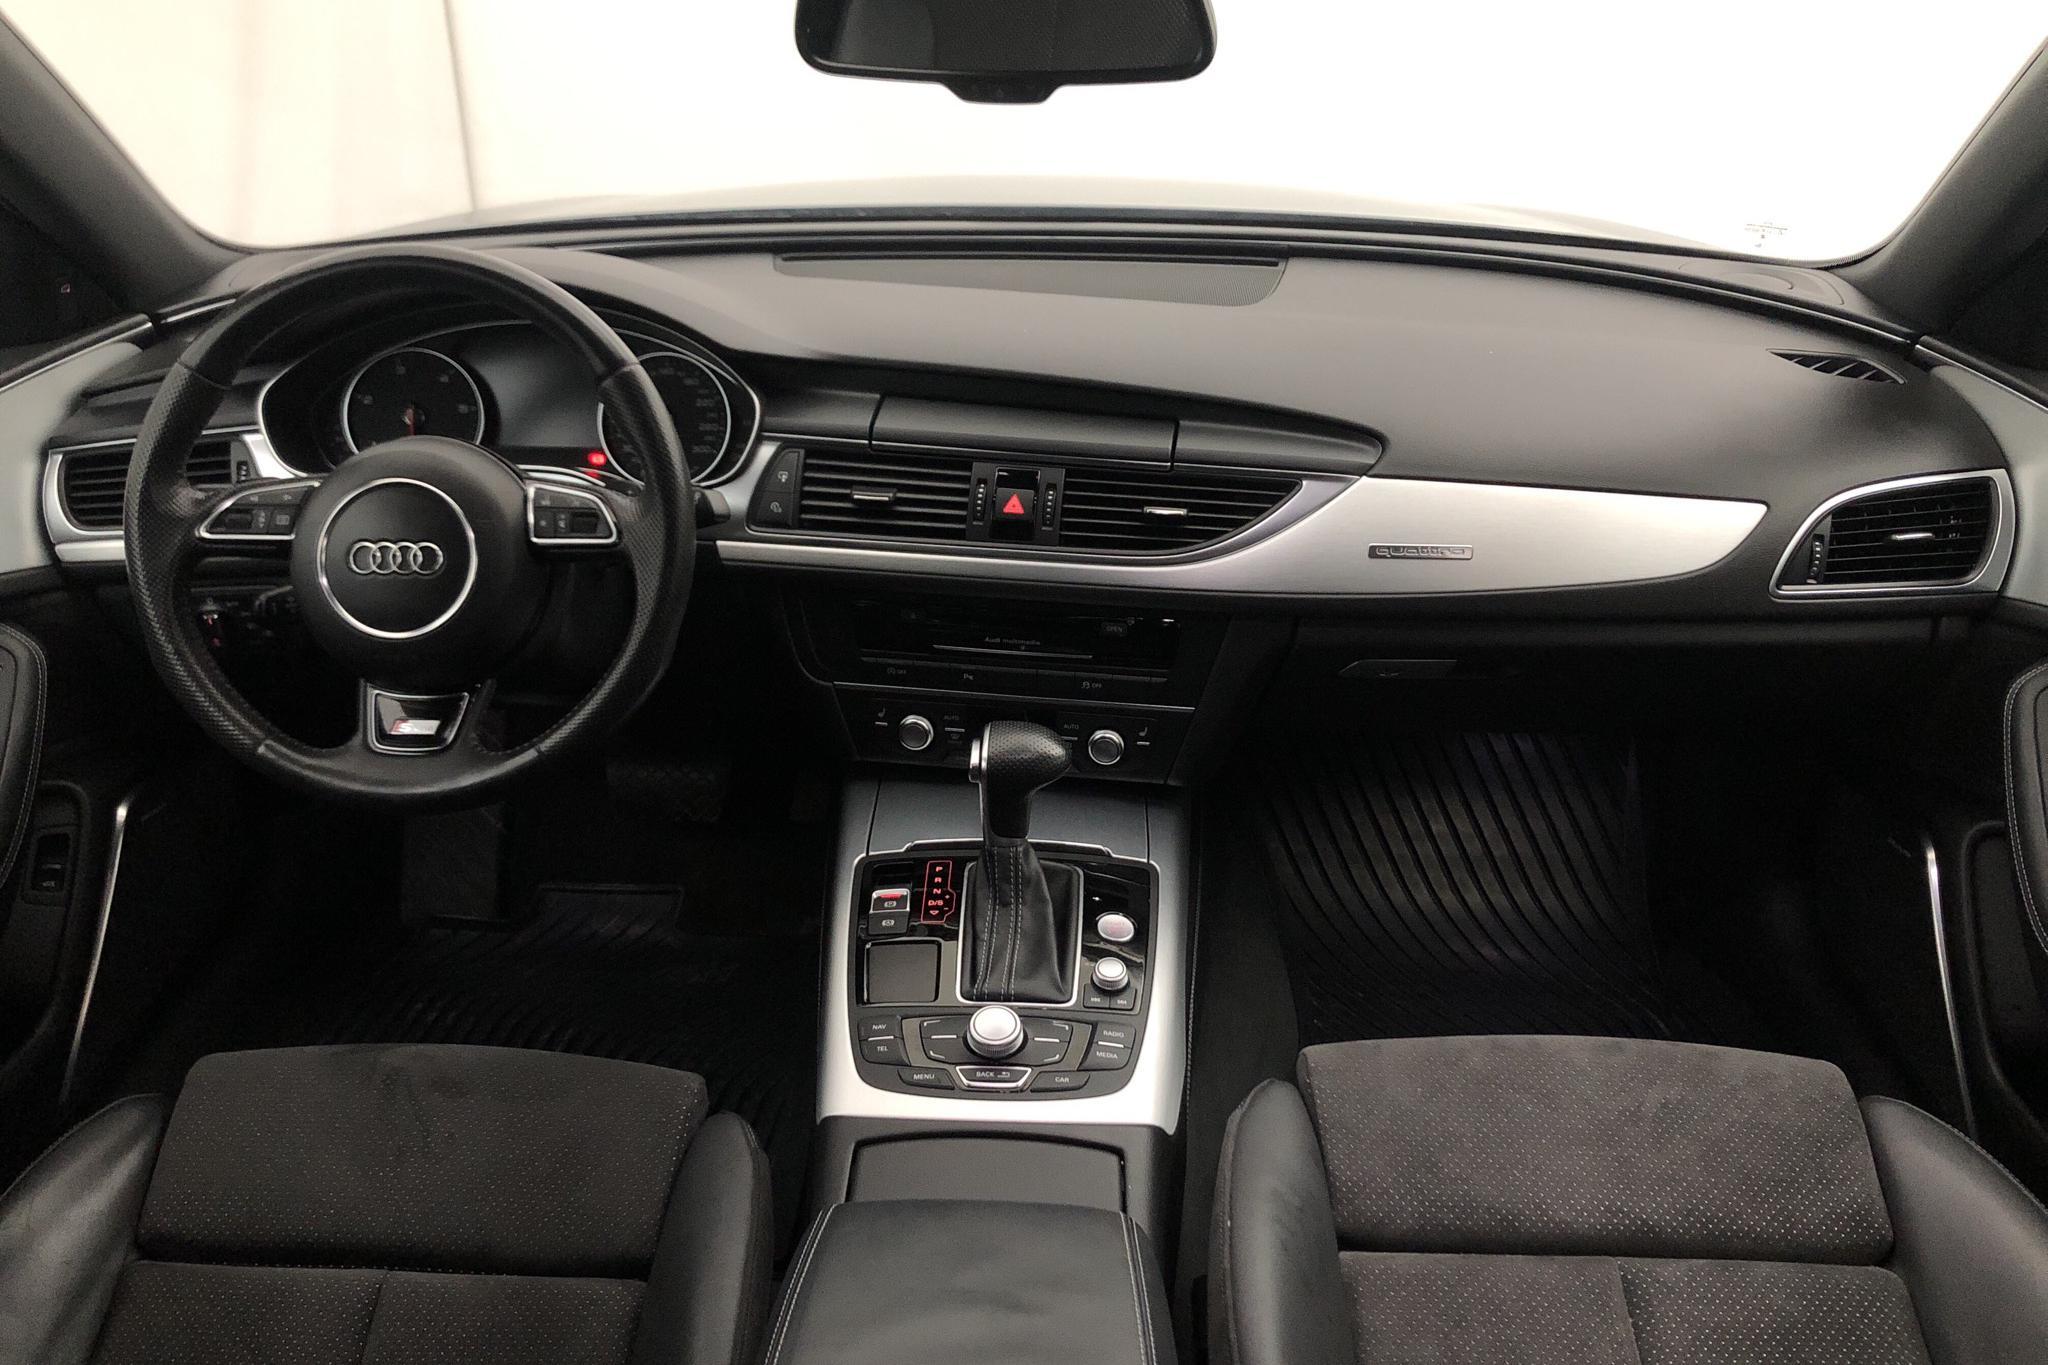 Audi A6 3.0 TDI Avant quattro (313hk) - 11 980 mil - Automat - Dark Grey - 2014